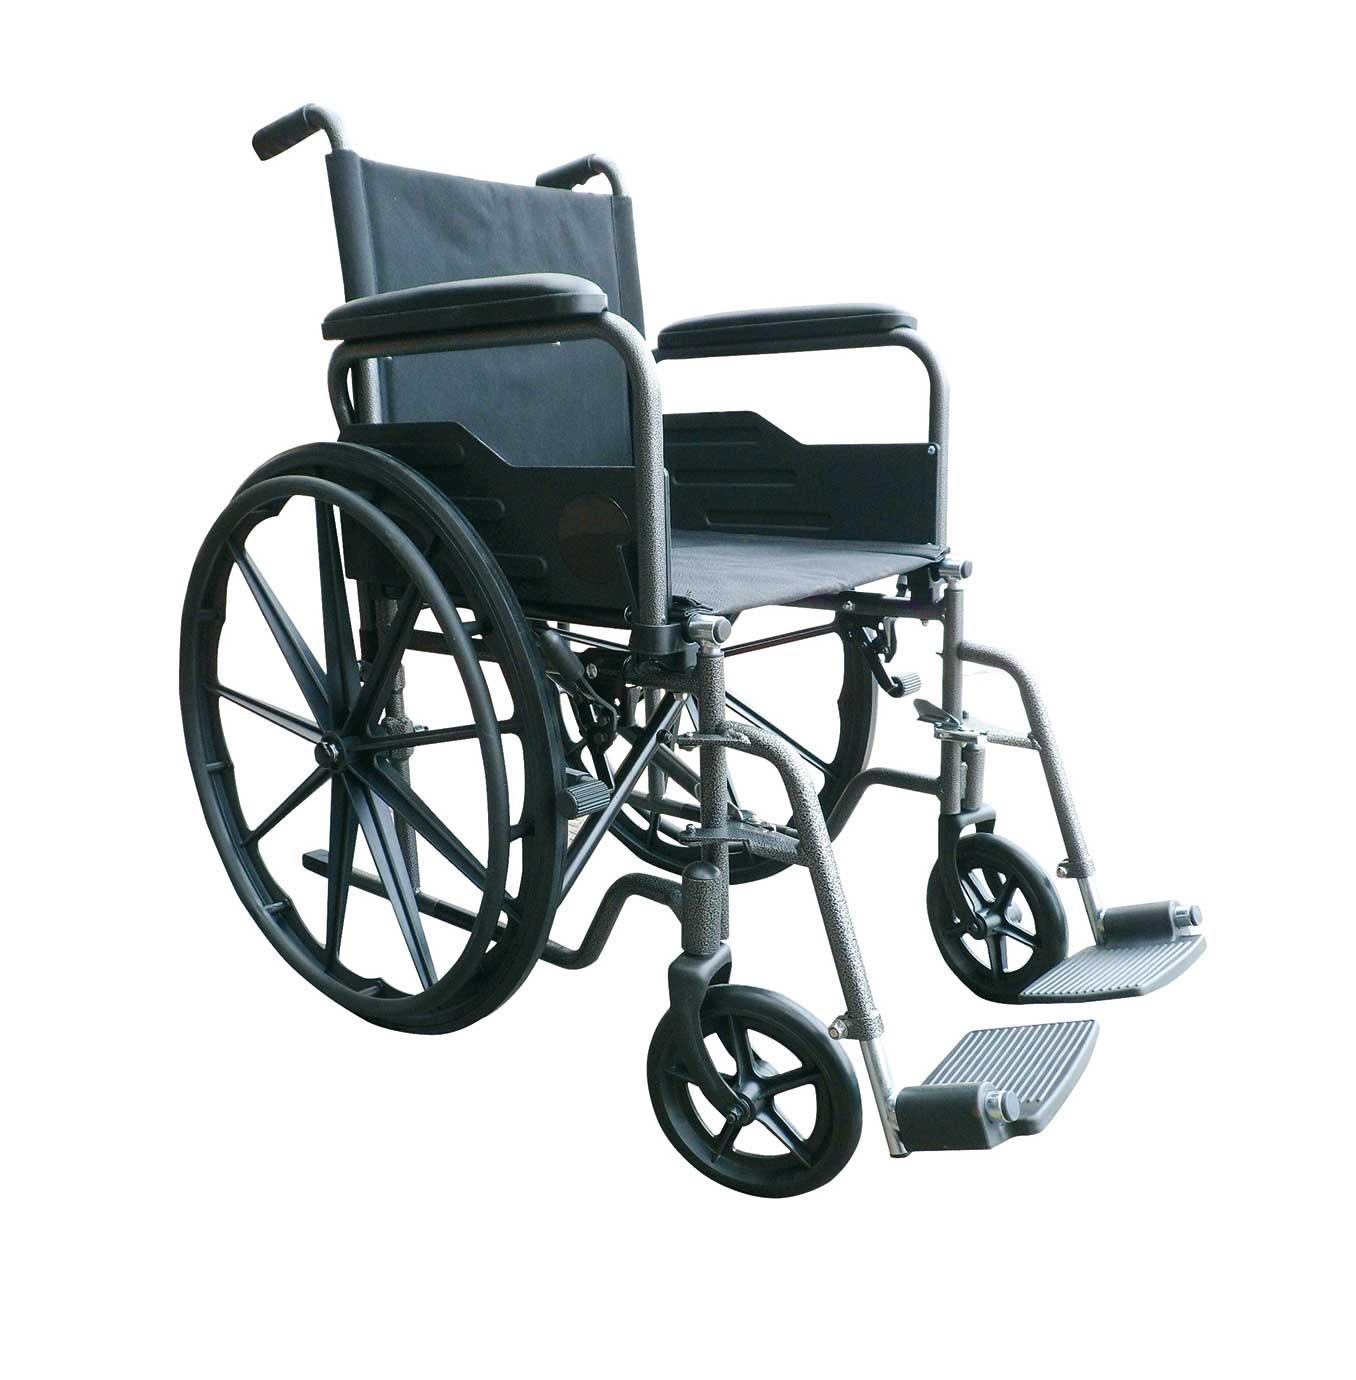 Silla de ruedas de acero rueda grande  s220  PRIM FARMA